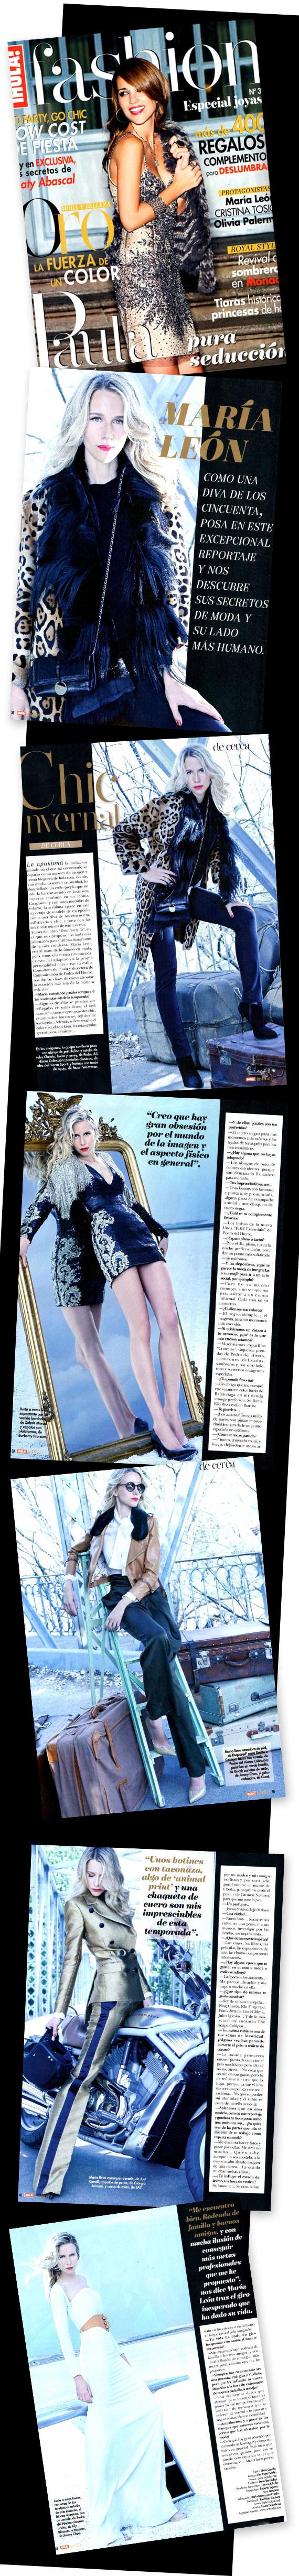 María León en la revista Hola fashion